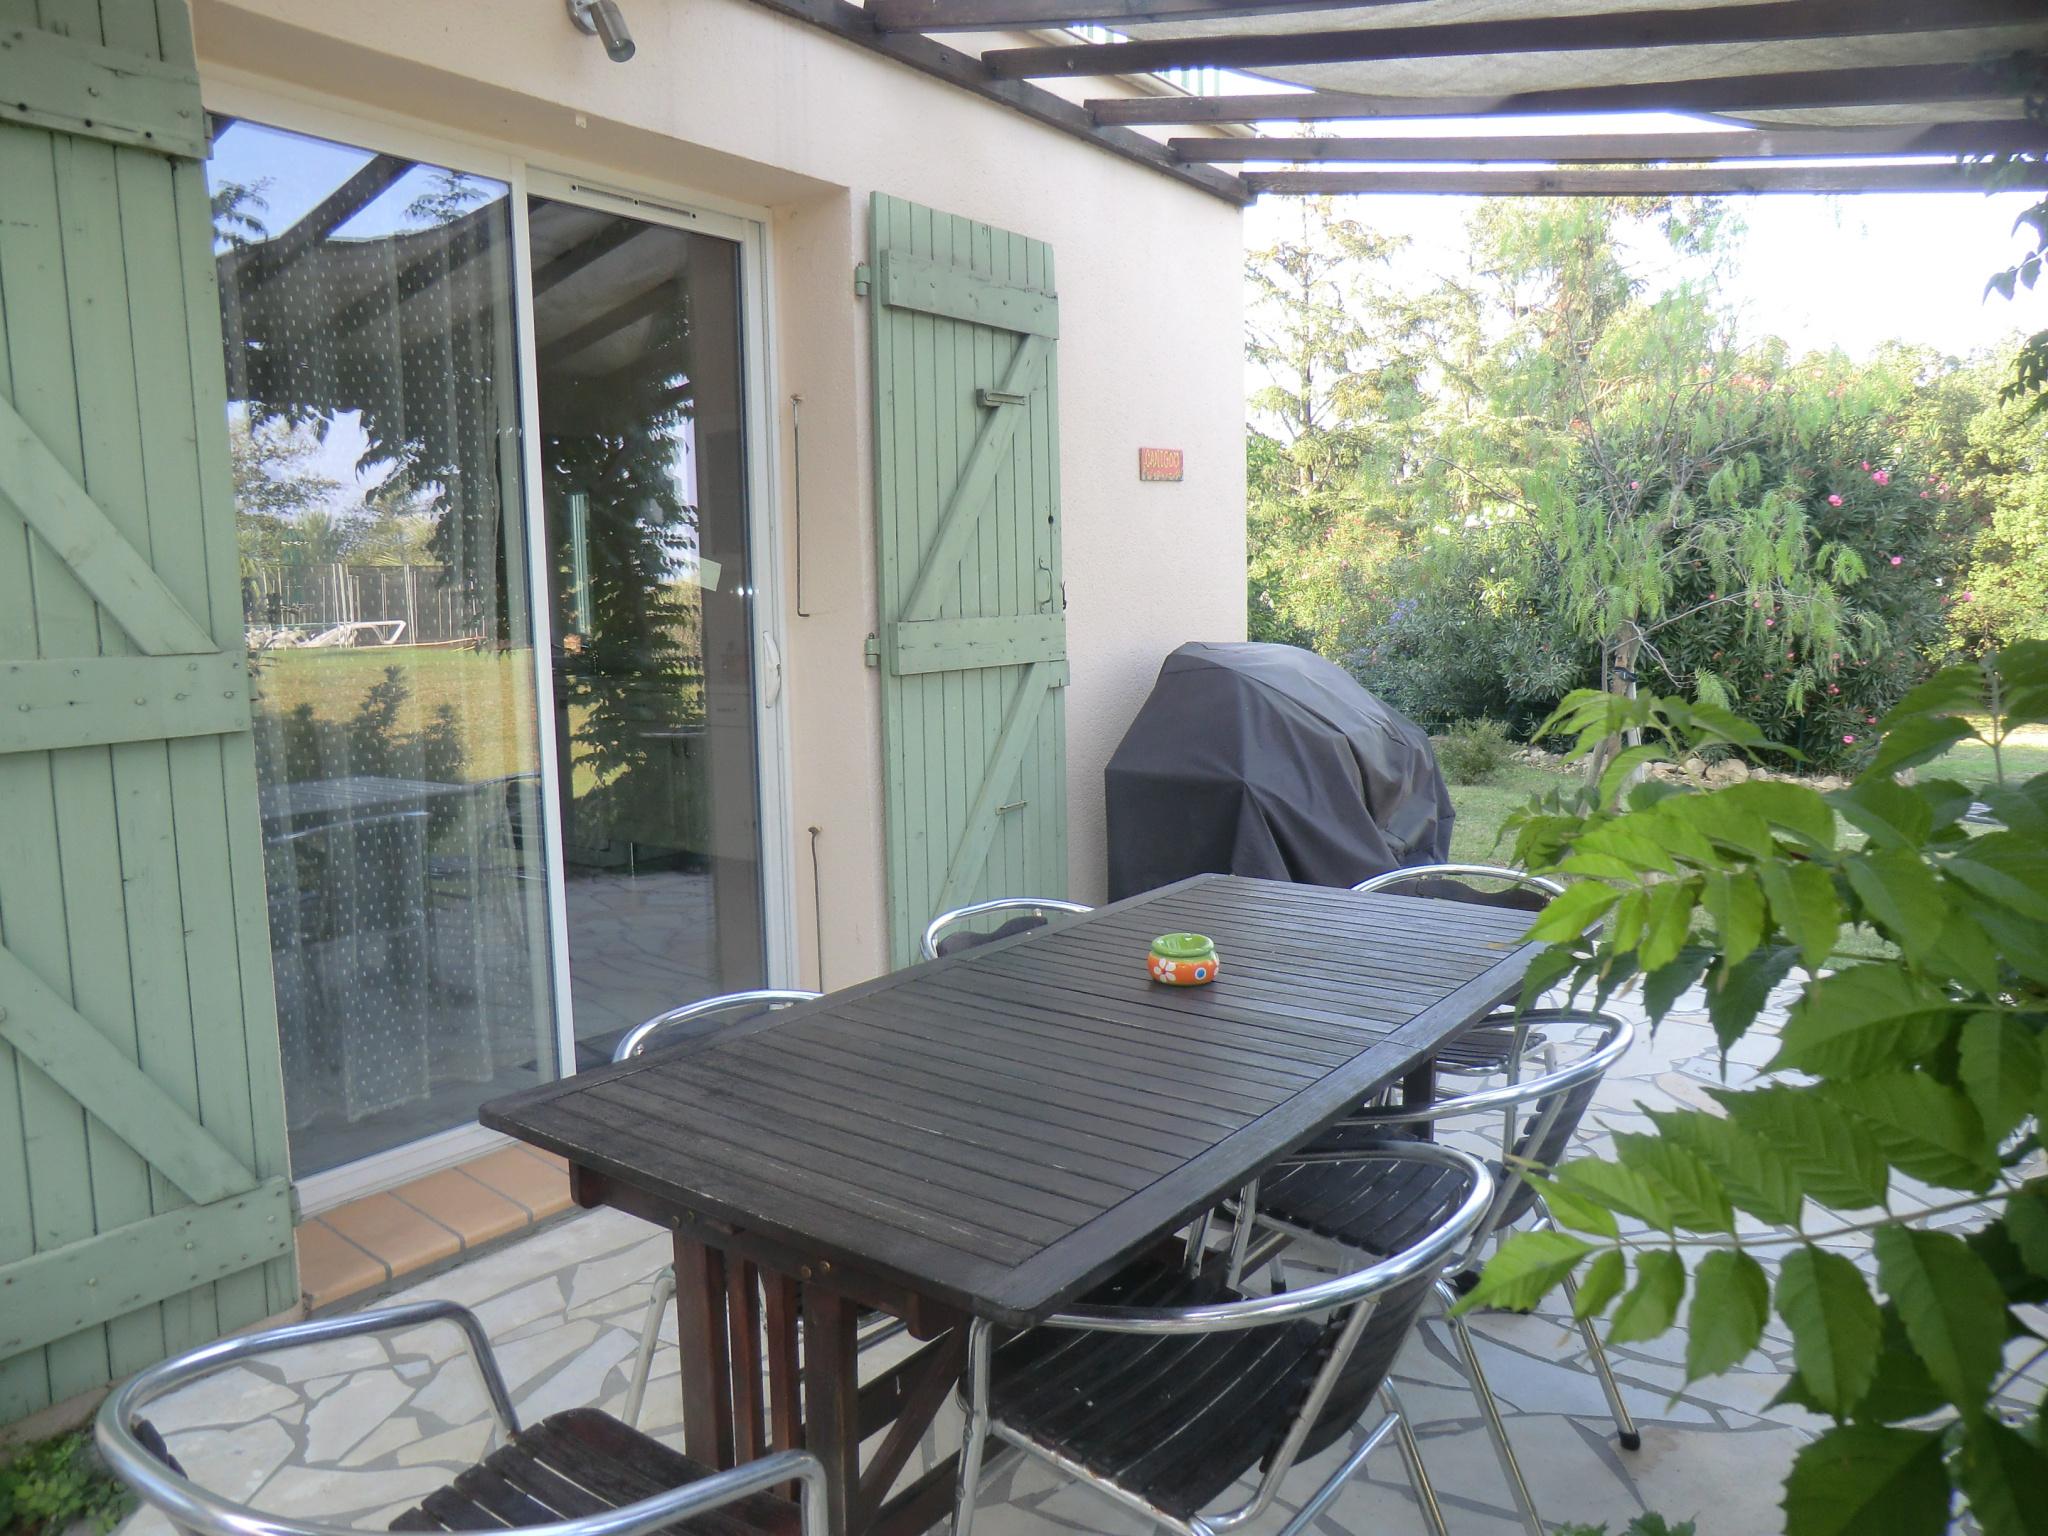 À vendre maison/villa de 500m2 à argeles sur mer (66700) - Photo 24'